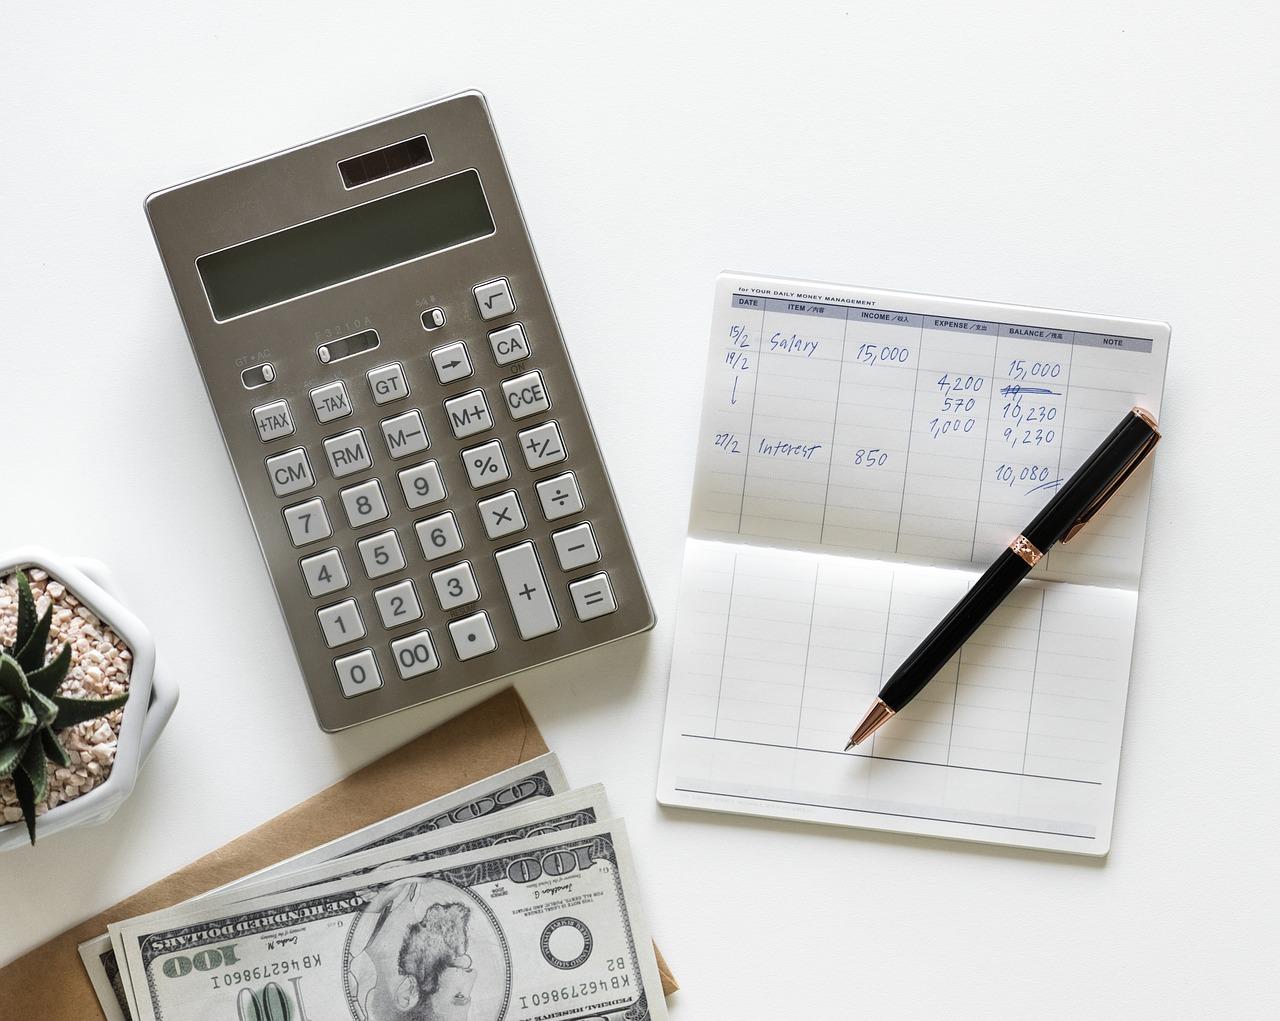 現金預金にこだわって意識を高めておくことが大切。資金繰り・業務の見直し・不正防止にも有効!